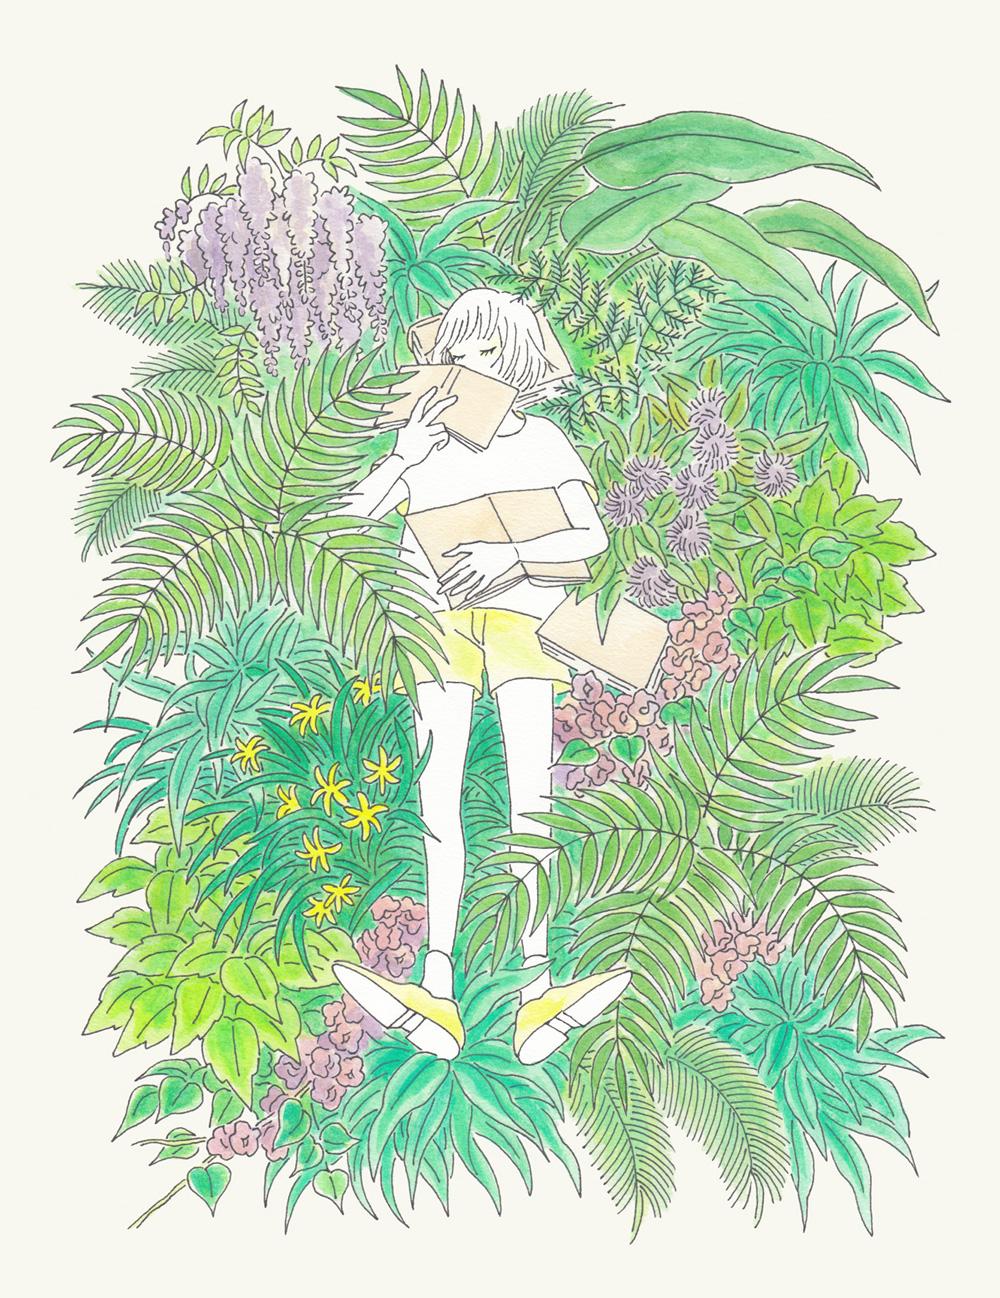 今月の1枚:『5月の庭で待つ』(※クリックで拡大できます)